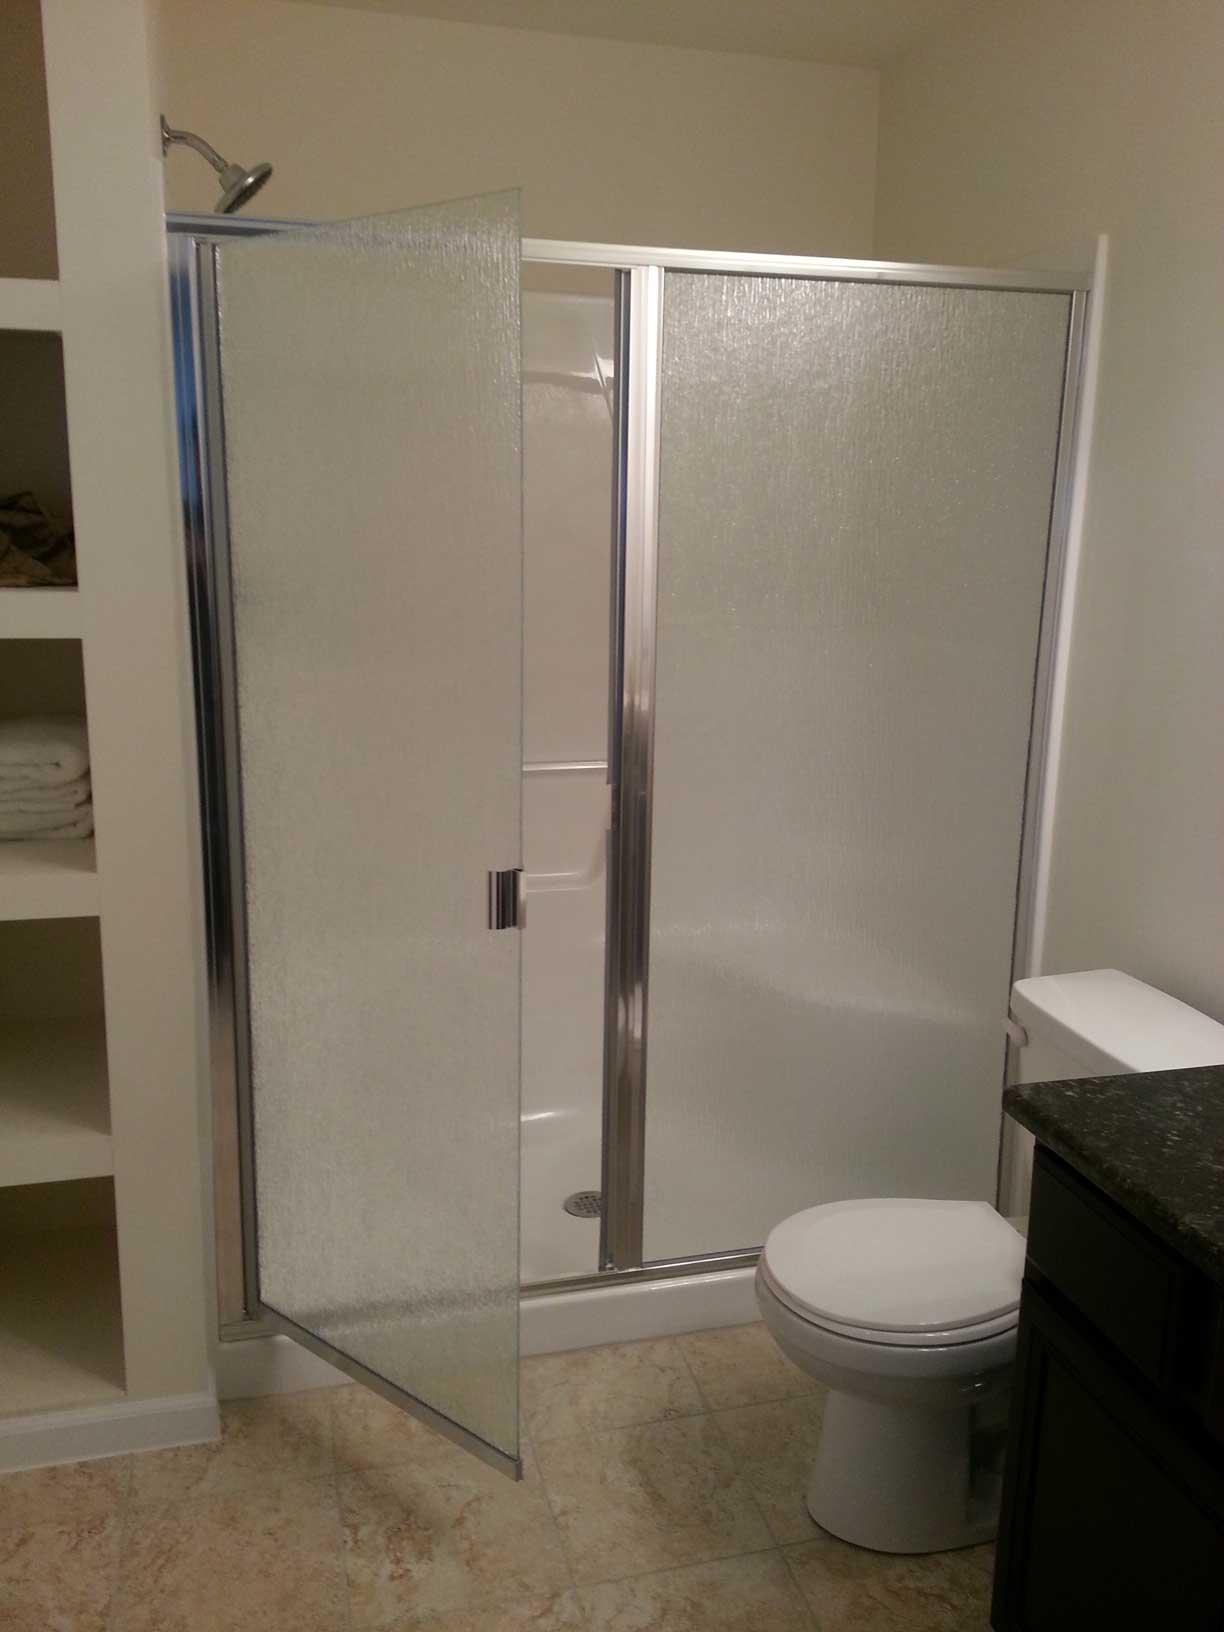 Fiberglass shower enclosures fiberglass shower stalls - Fiberglass shower enclosures ...